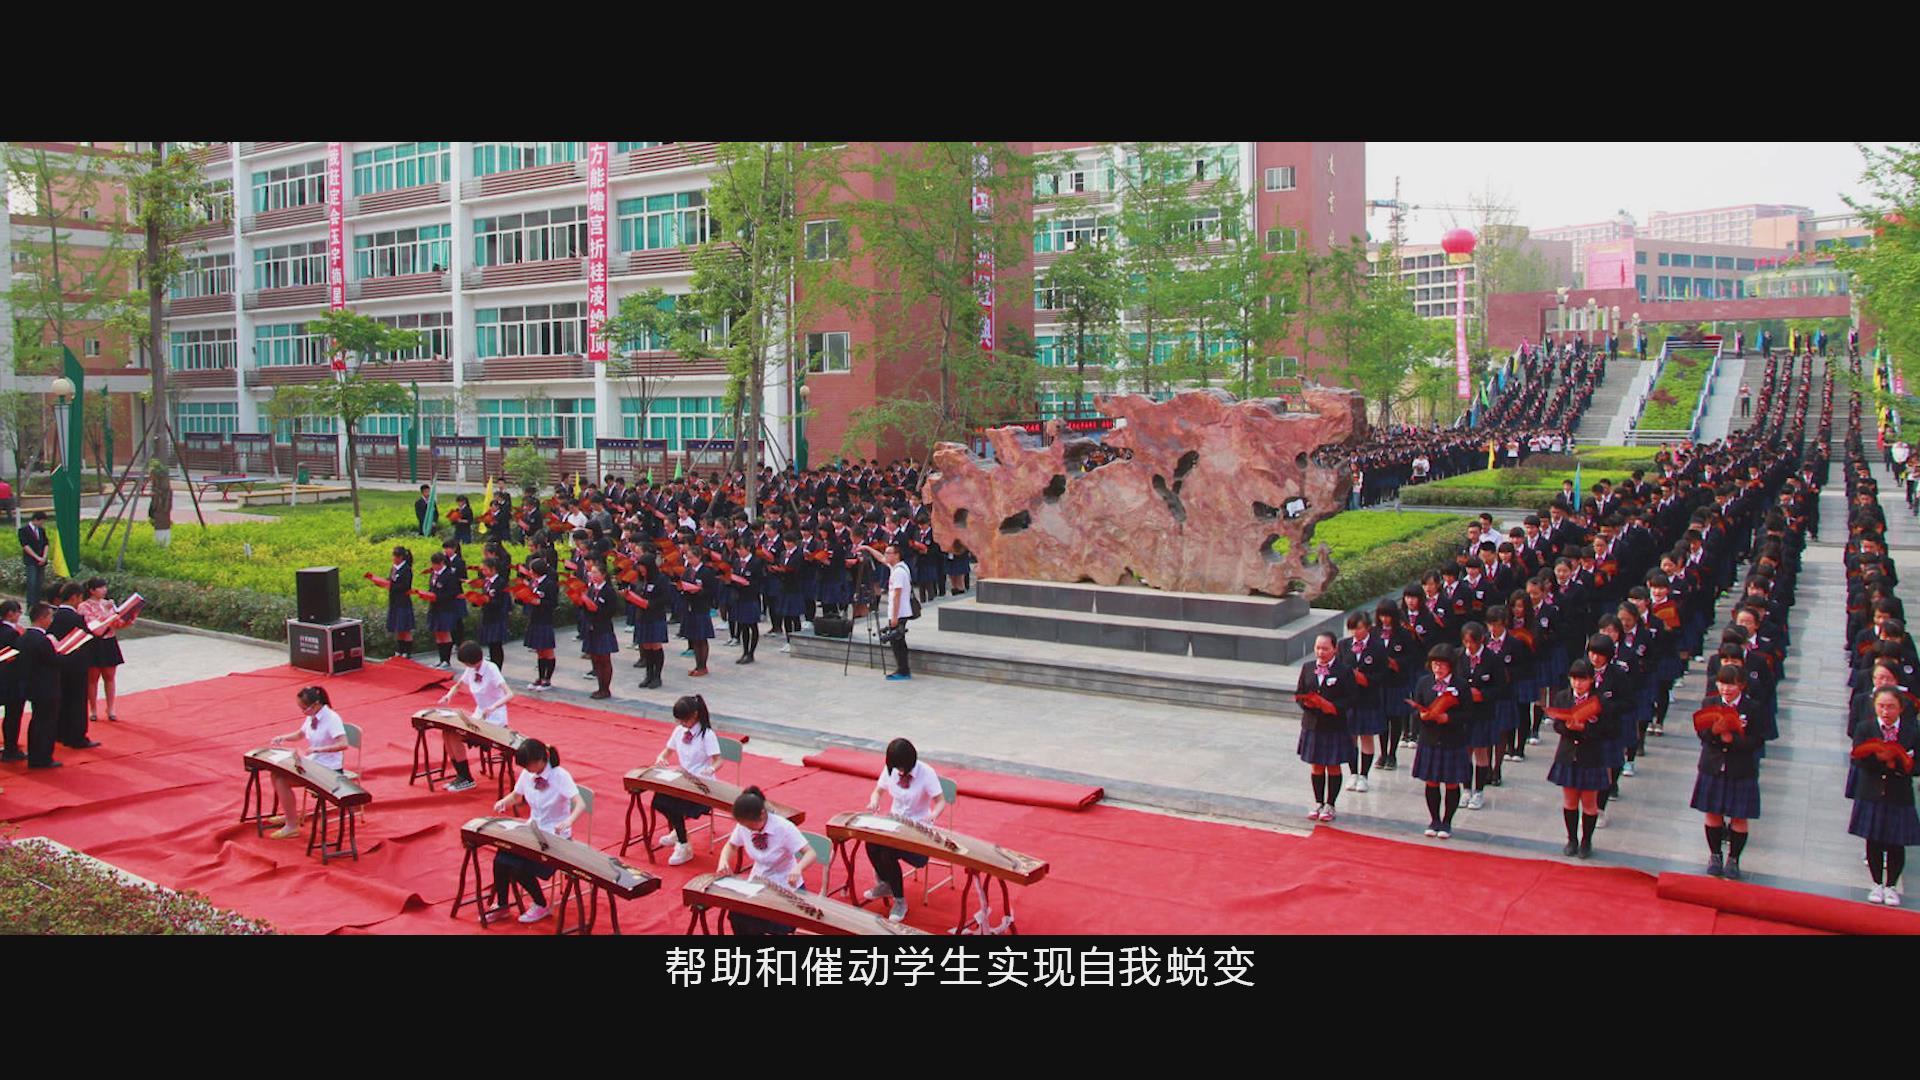 七栽筑梦——绵阳中学实验学校发展纪实